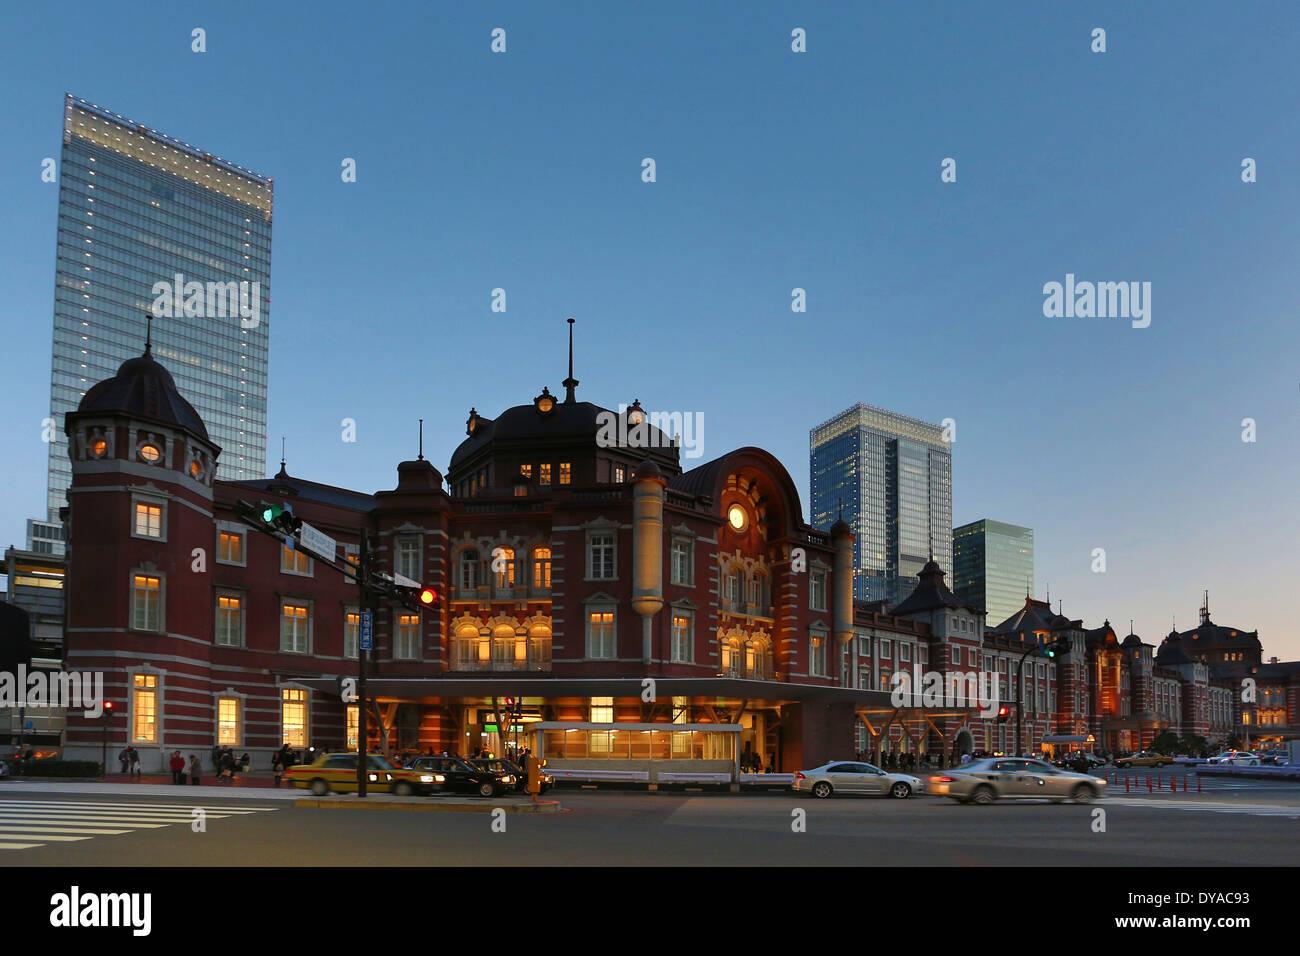 Giappone, Asia, Tokyo, Nord, architettura, soffitto, città, landmark, hall, storia, rinnovato, stazione, tramonto, turistica, viaggi Immagini Stock